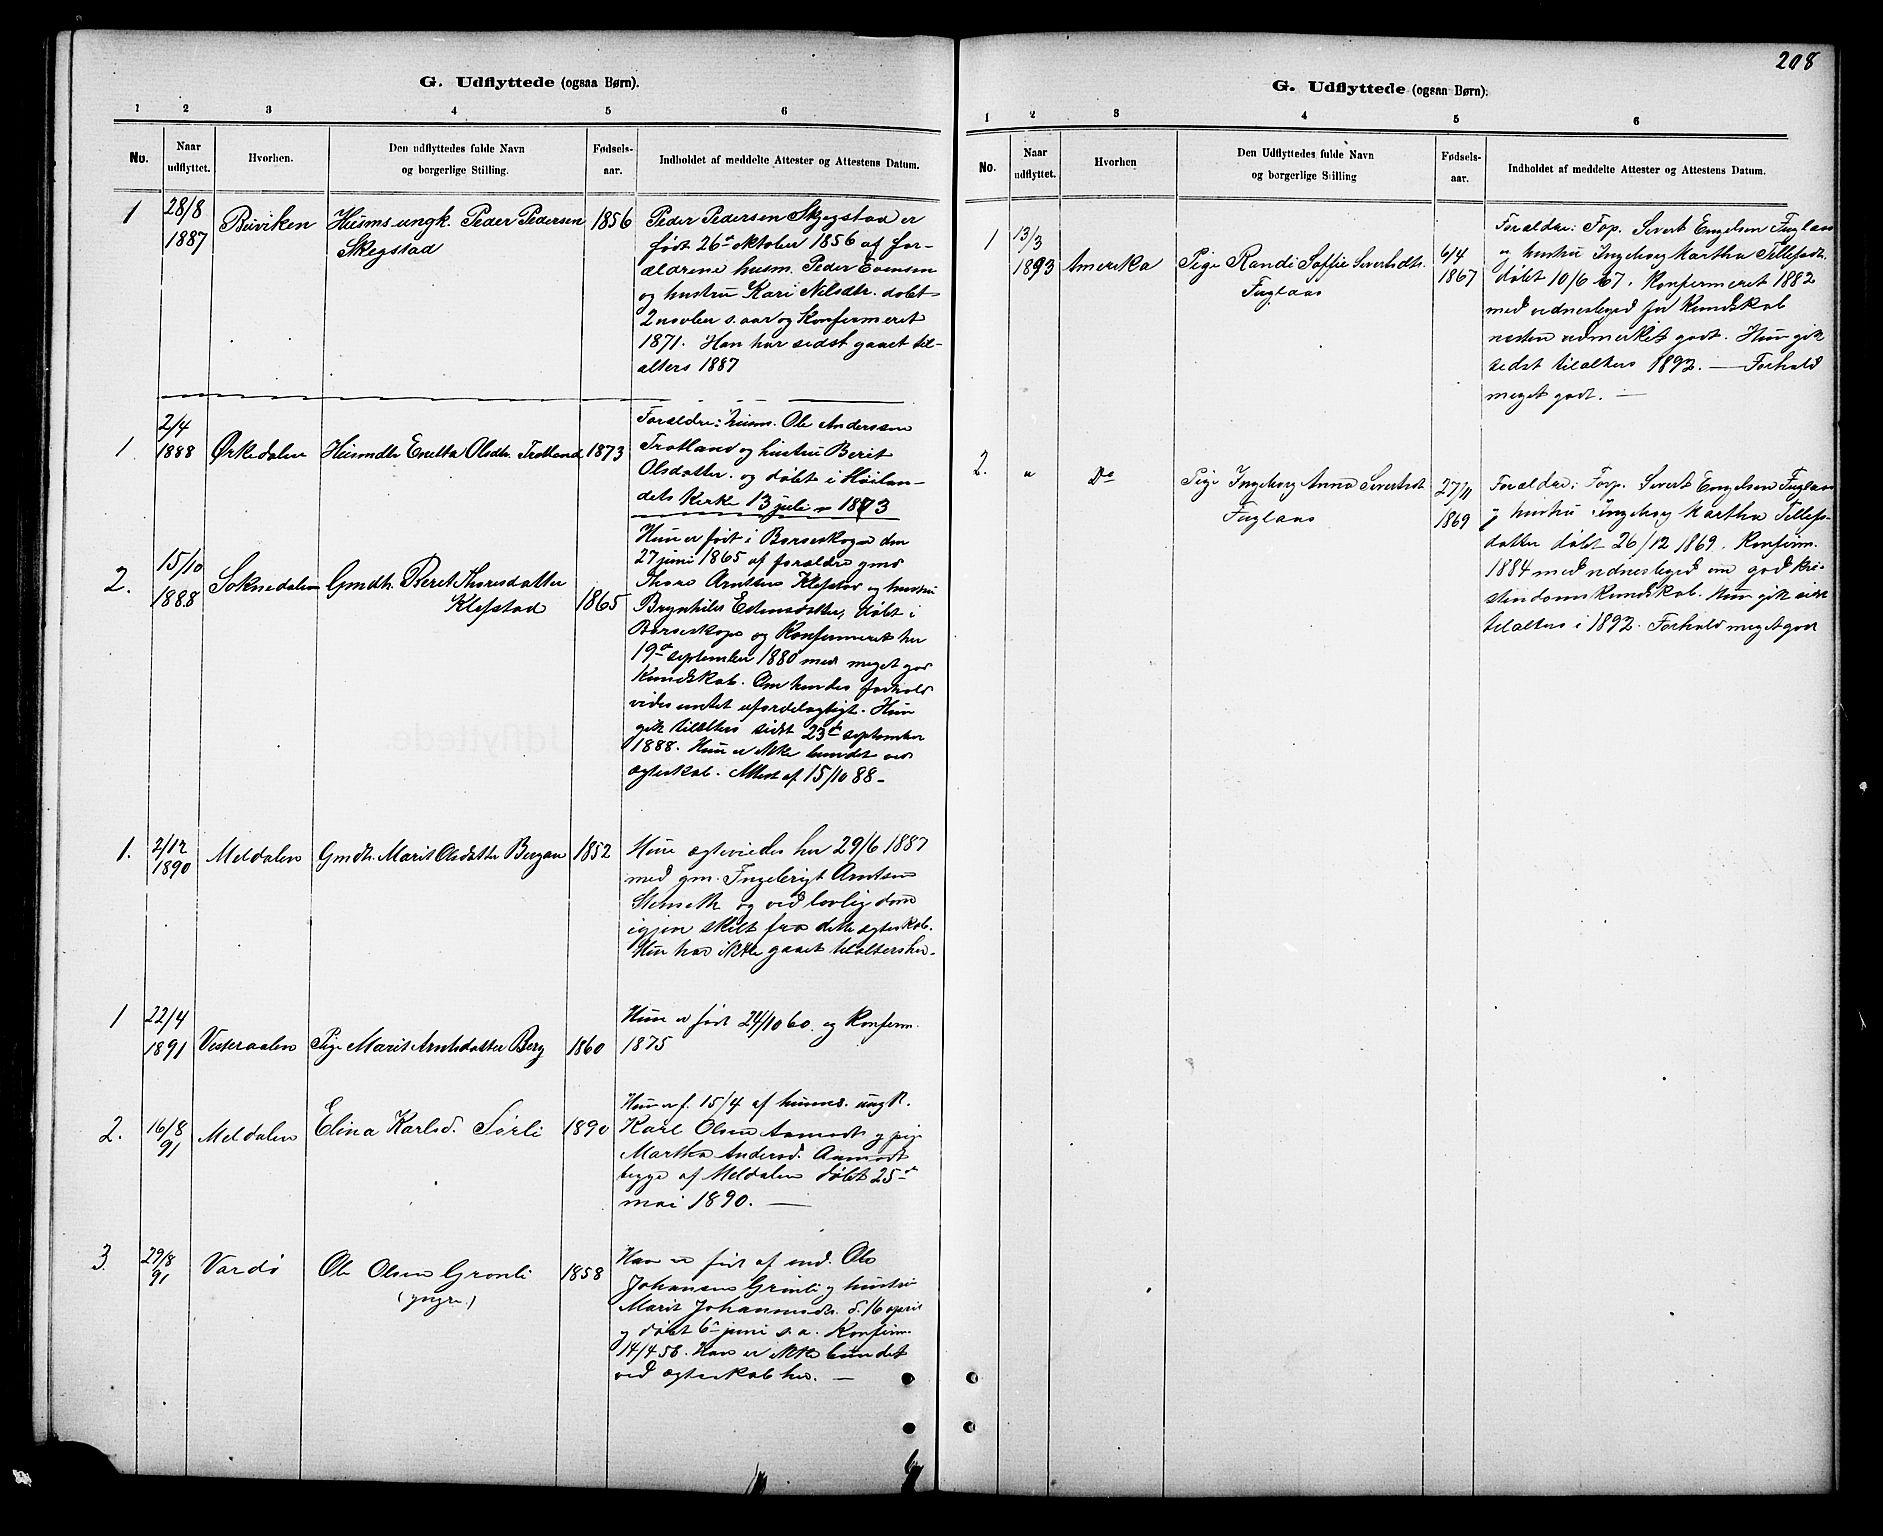 SAT, Ministerialprotokoller, klokkerbøker og fødselsregistre - Sør-Trøndelag, 694/L1132: Klokkerbok nr. 694C04, 1887-1914, s. 208